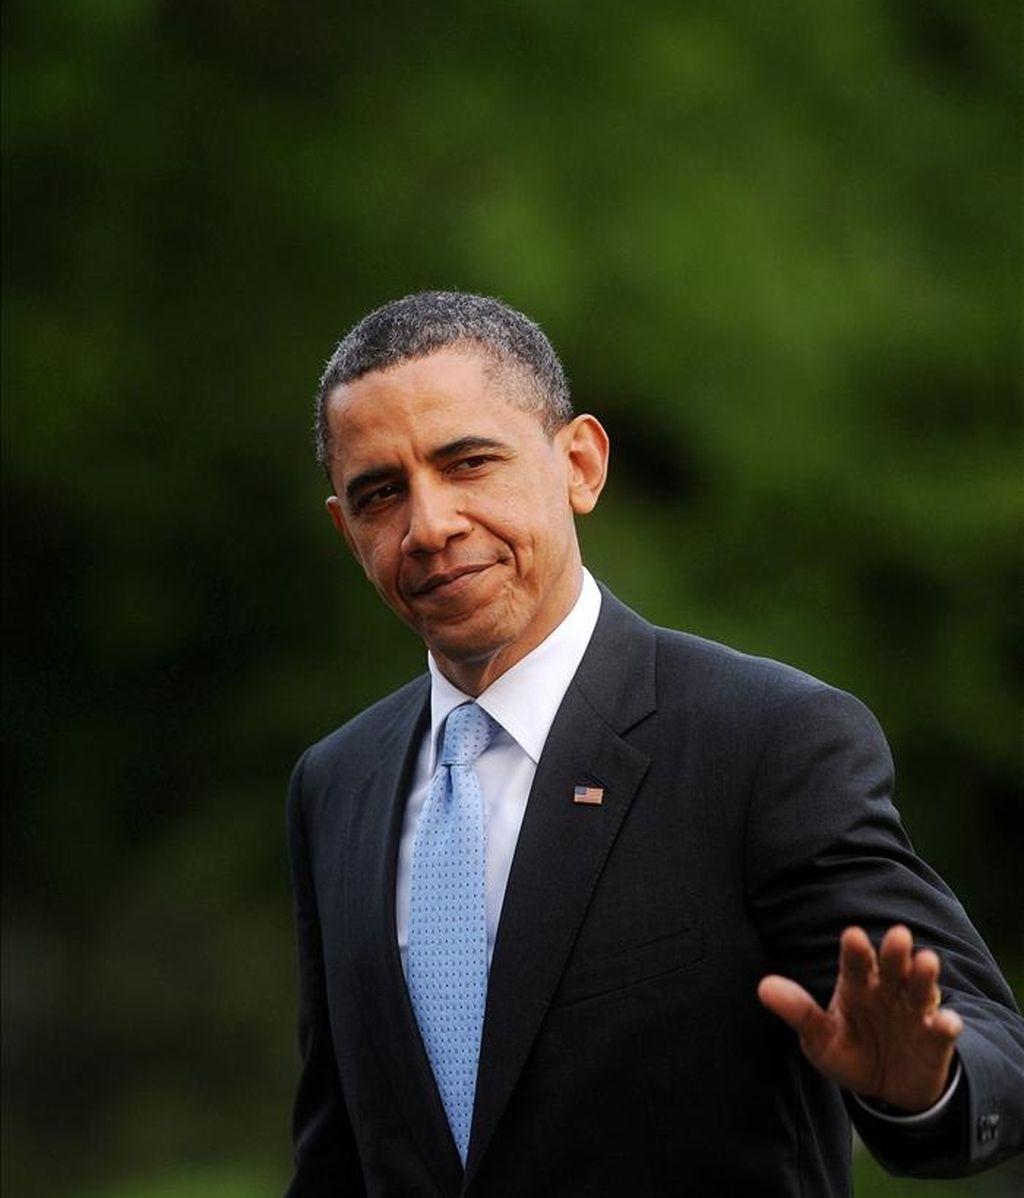 """""""Creemos que tuvo que haber algún tipo de red de apoyo a Bin Laden dentro de Pakistán"""", afirmó el presidente de EE.UU., Barack Obama, en su primera entrevista tras anunciar la muerte del jefe de Al Qaeda el pasado domingo. EFE/Archivo"""